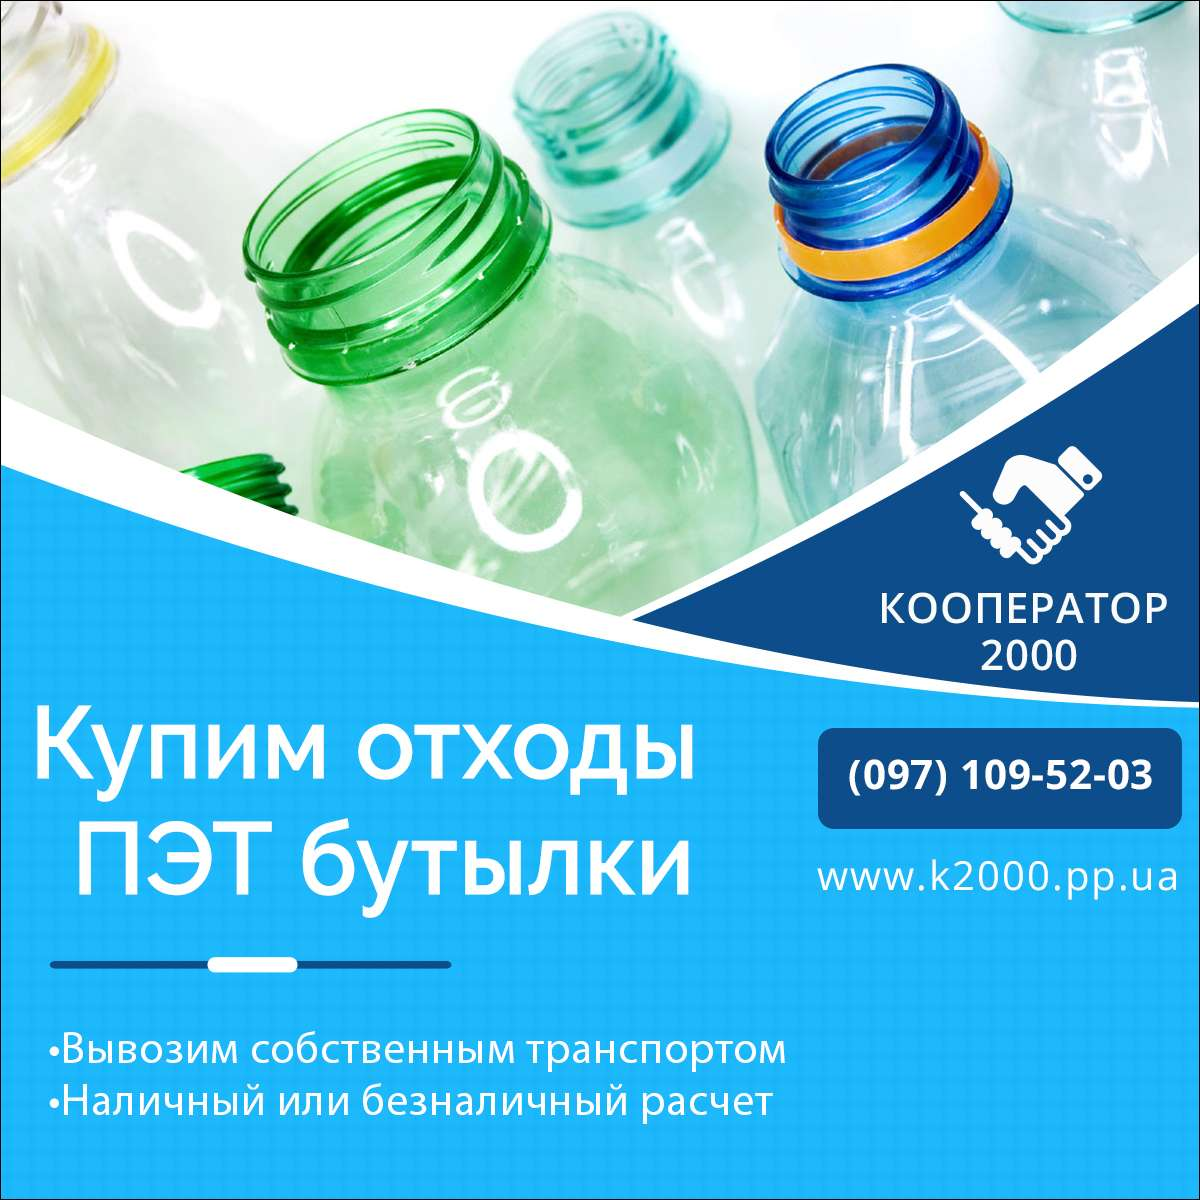 Прием и вывоз • пластиковой тары • ПЭТ бутылки, емкости в Киеве